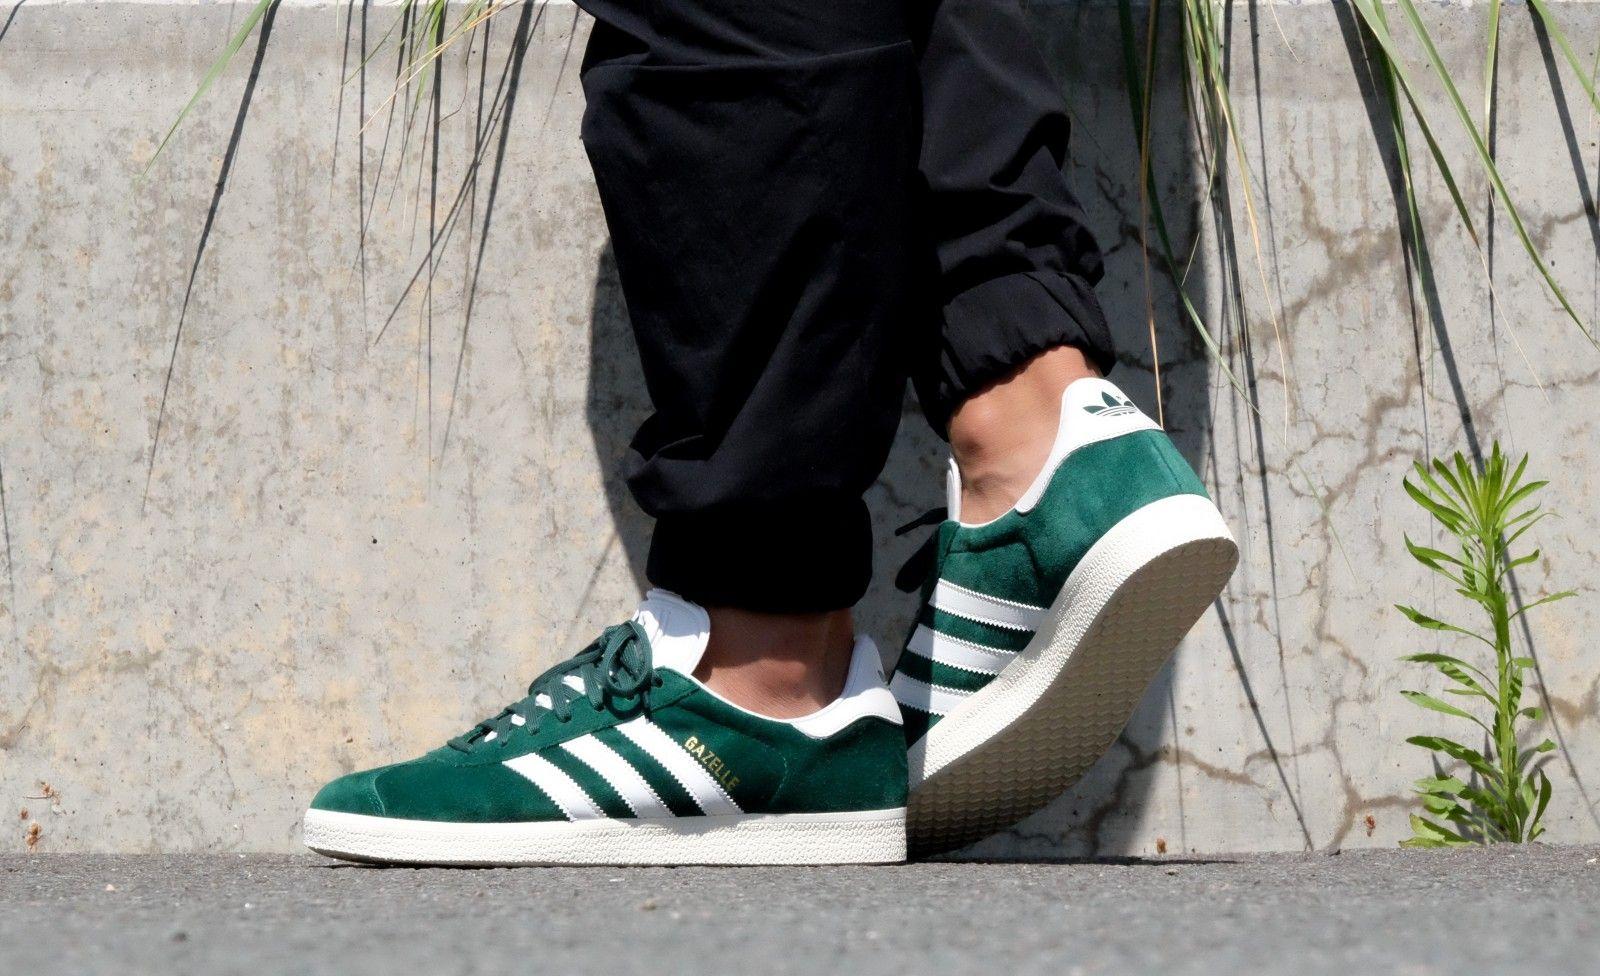 Adidas Gazelle Collegiate Green / Vintage White   Adidas gazelle ...